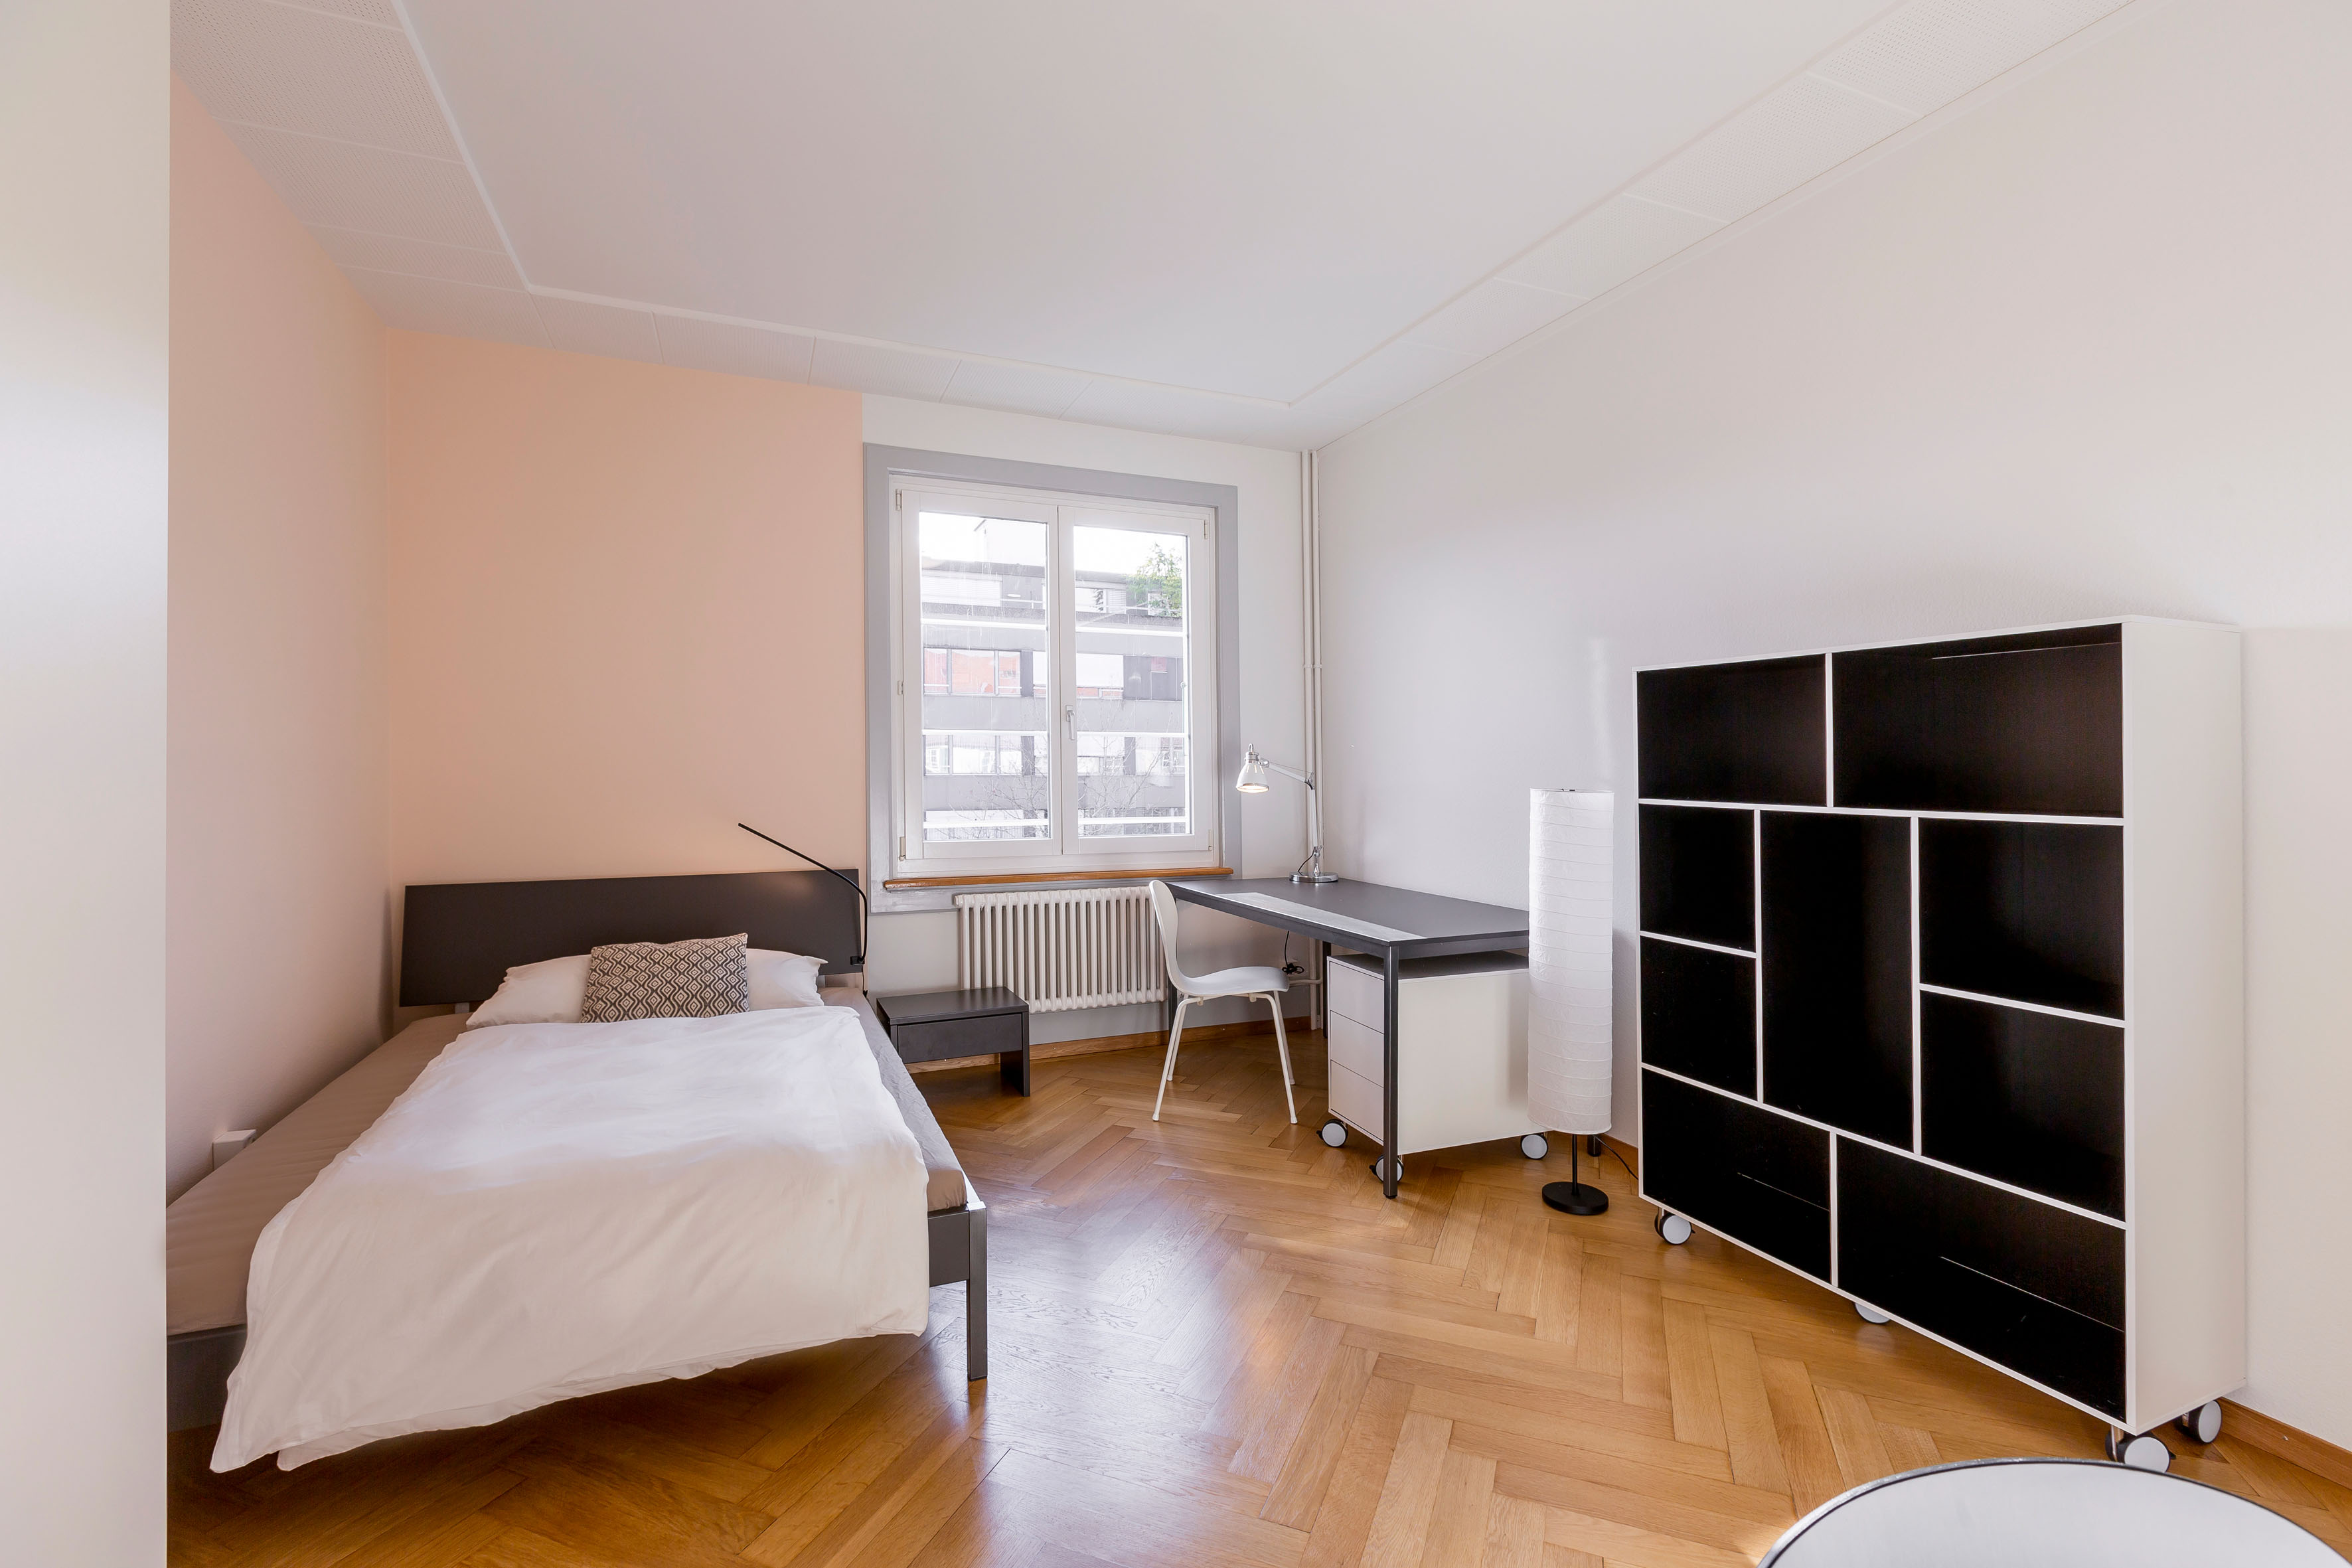 wgplus studentenresidenz. Black Bedroom Furniture Sets. Home Design Ideas